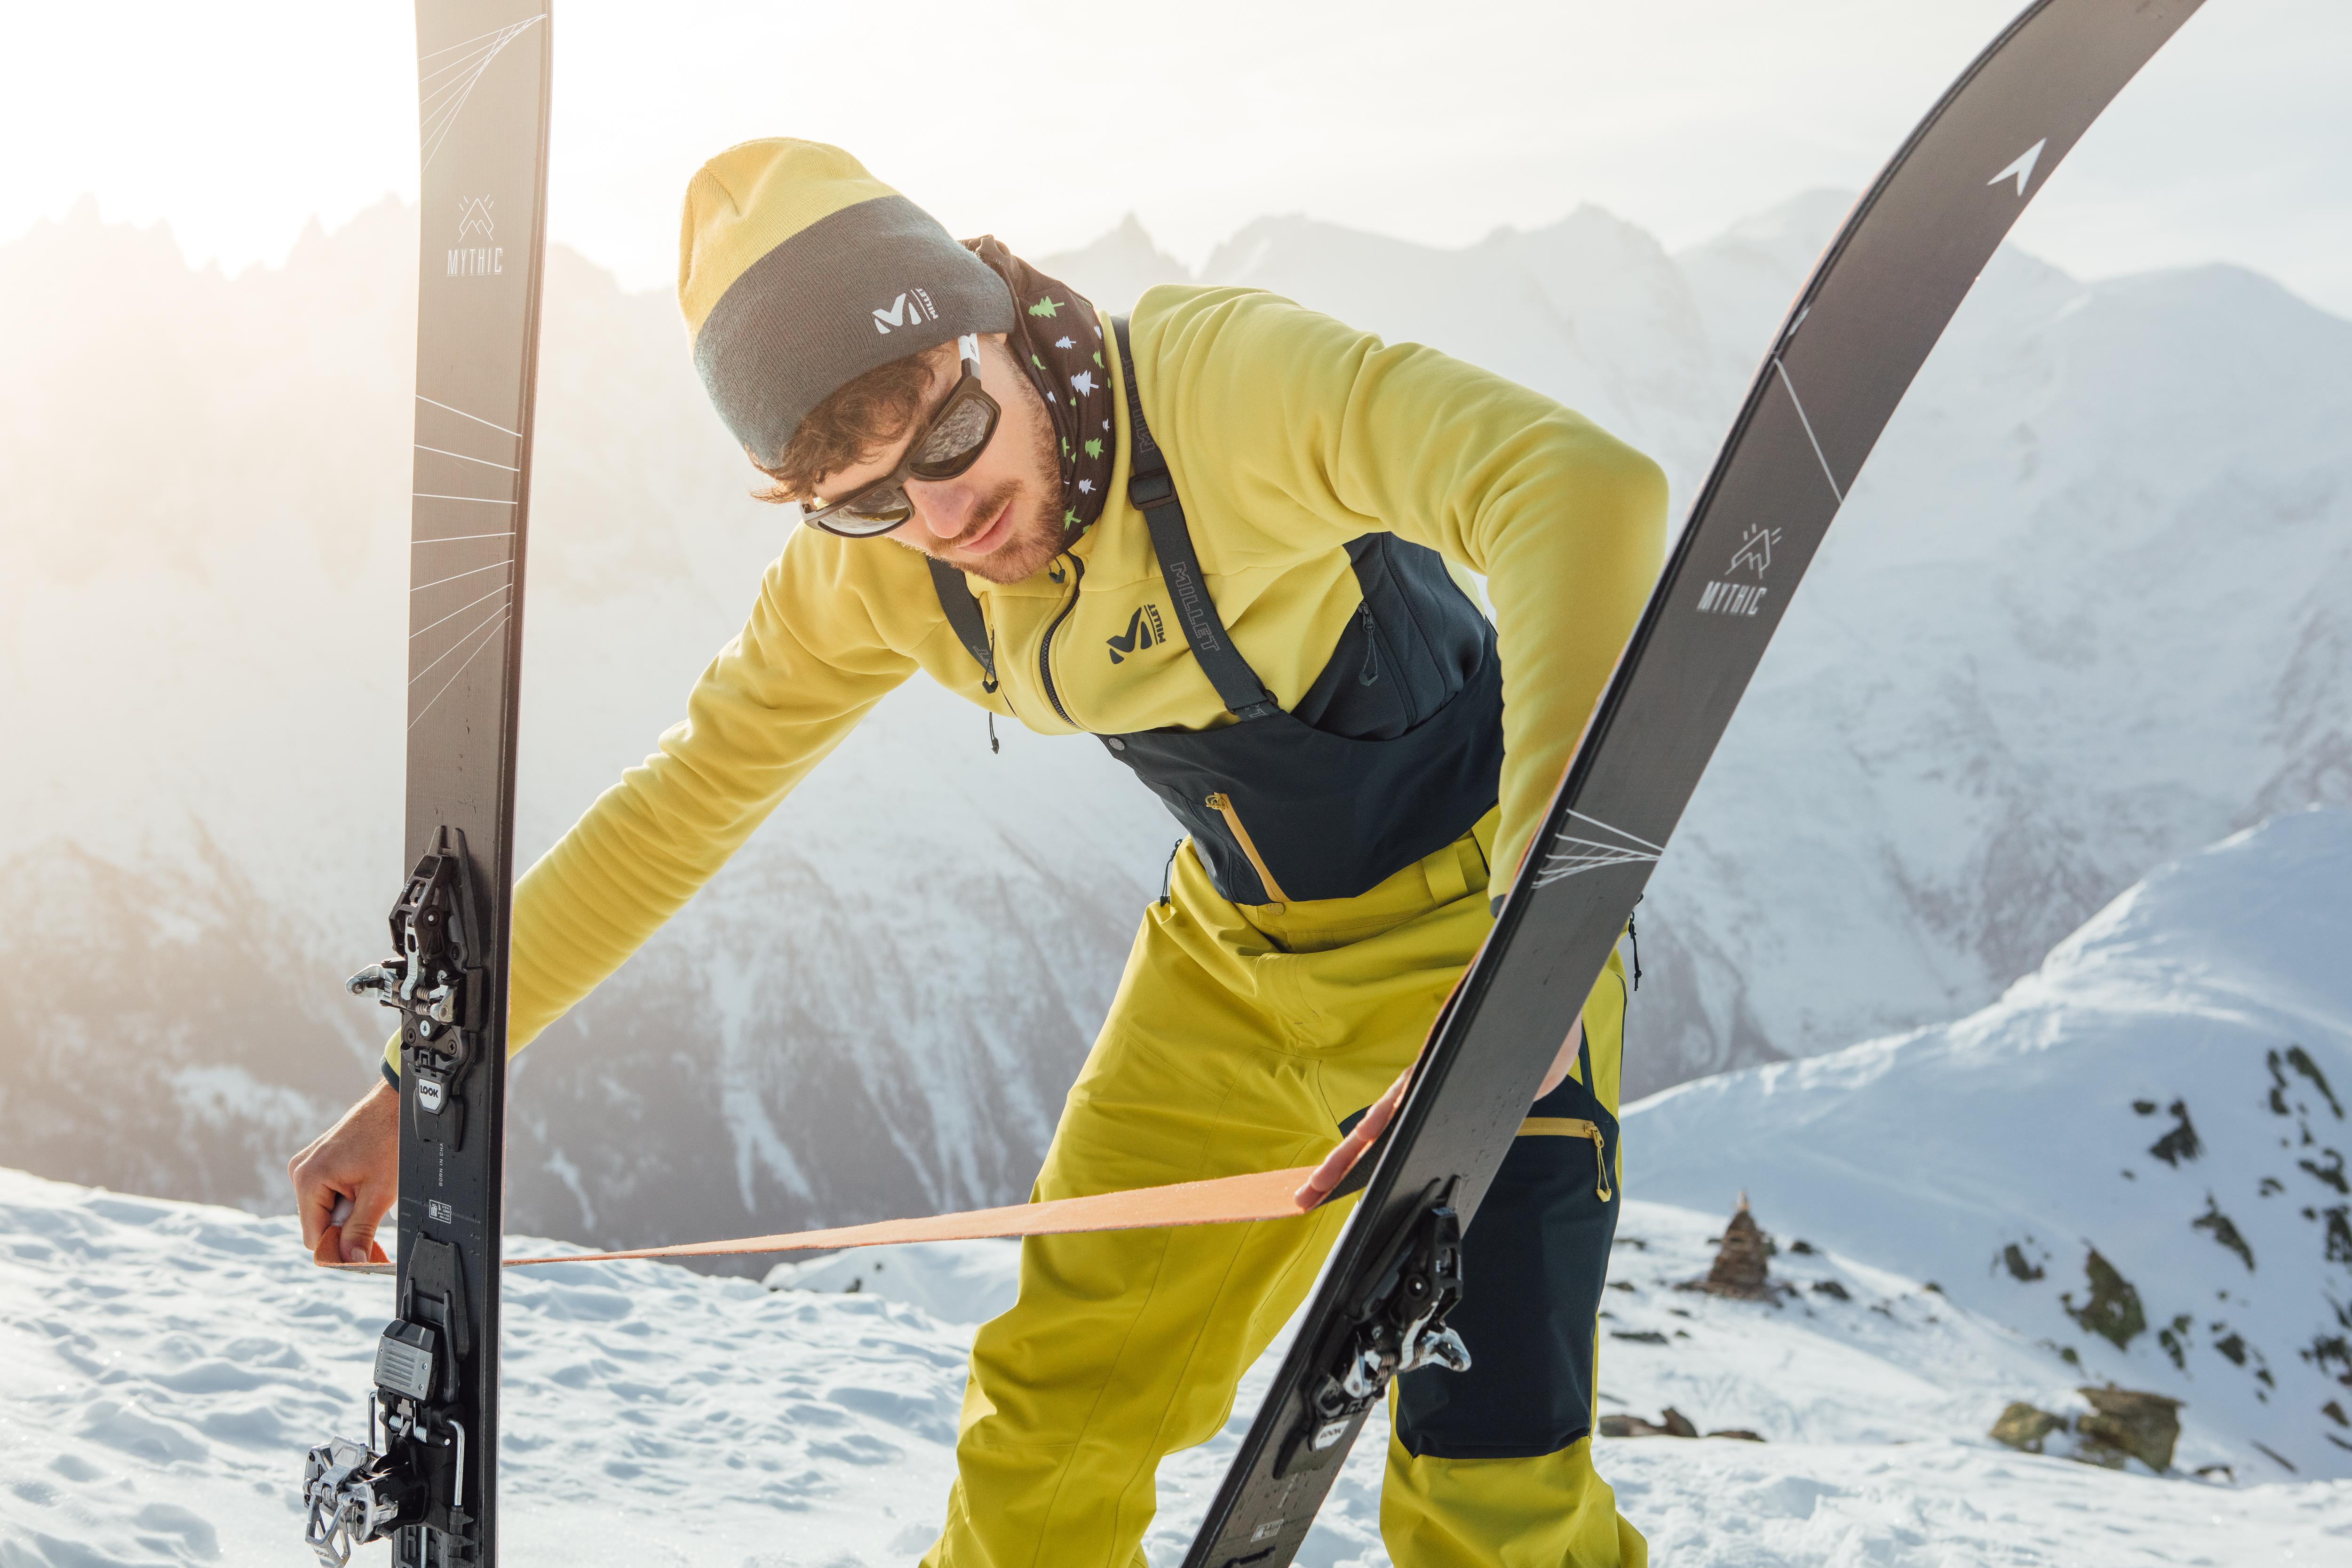 Klejenie foki na narcie skitourowej (fot. millet.fr)